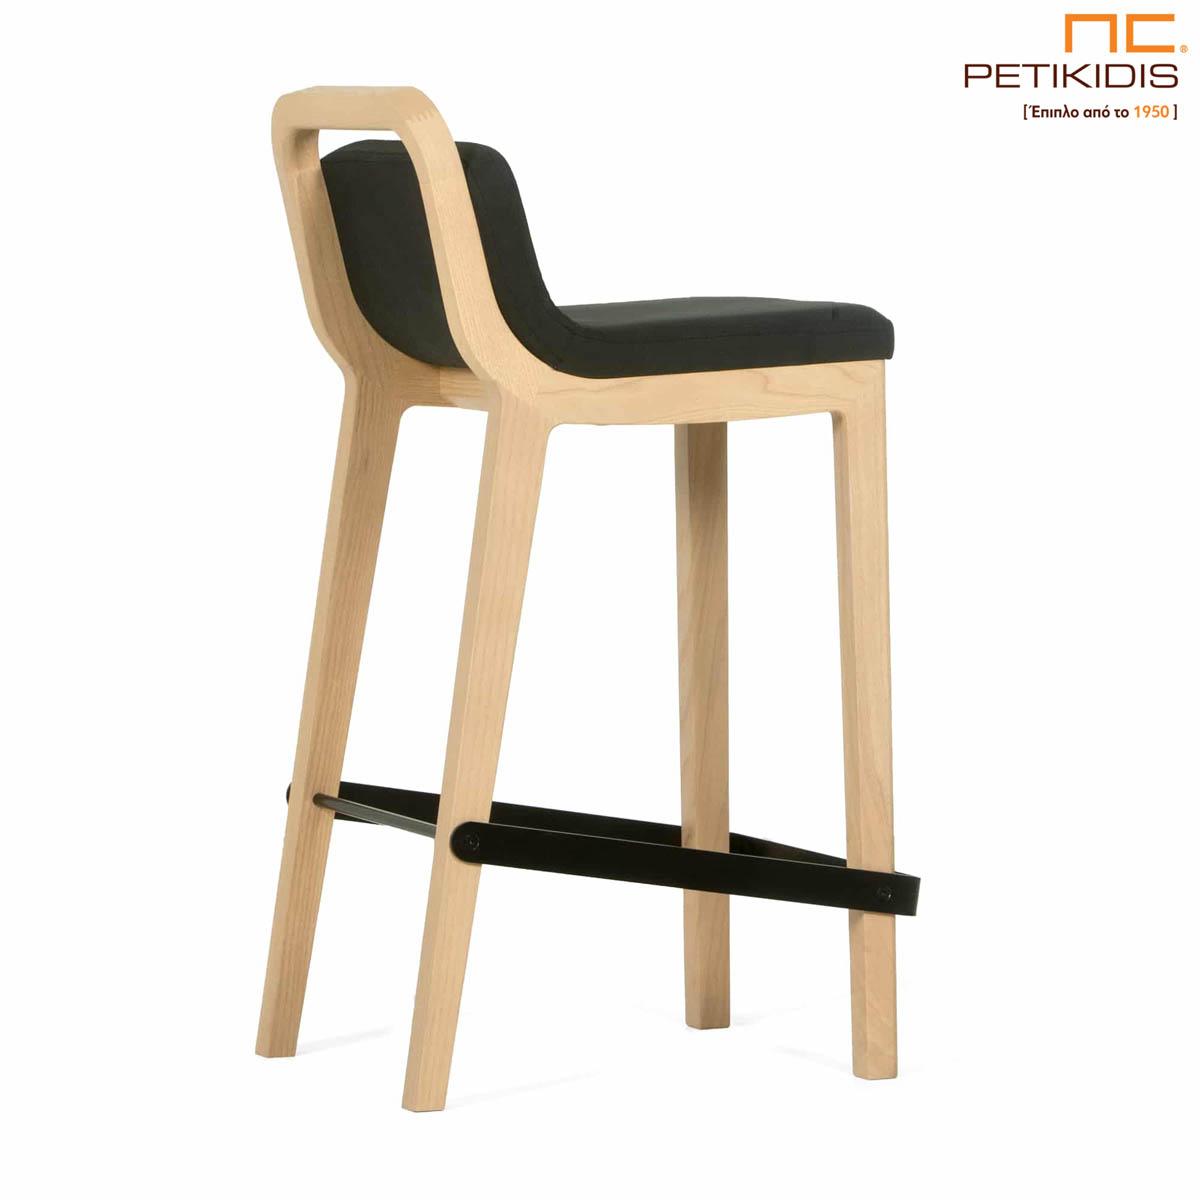 Σκαμπό Irida. Κατασκευάζεται σε δύο ύψη καθίσματος από μασίφ ξύλο. Το ύφασμα είναι σκούρο γκρι αδιάβροχο και αλέκιαστο.